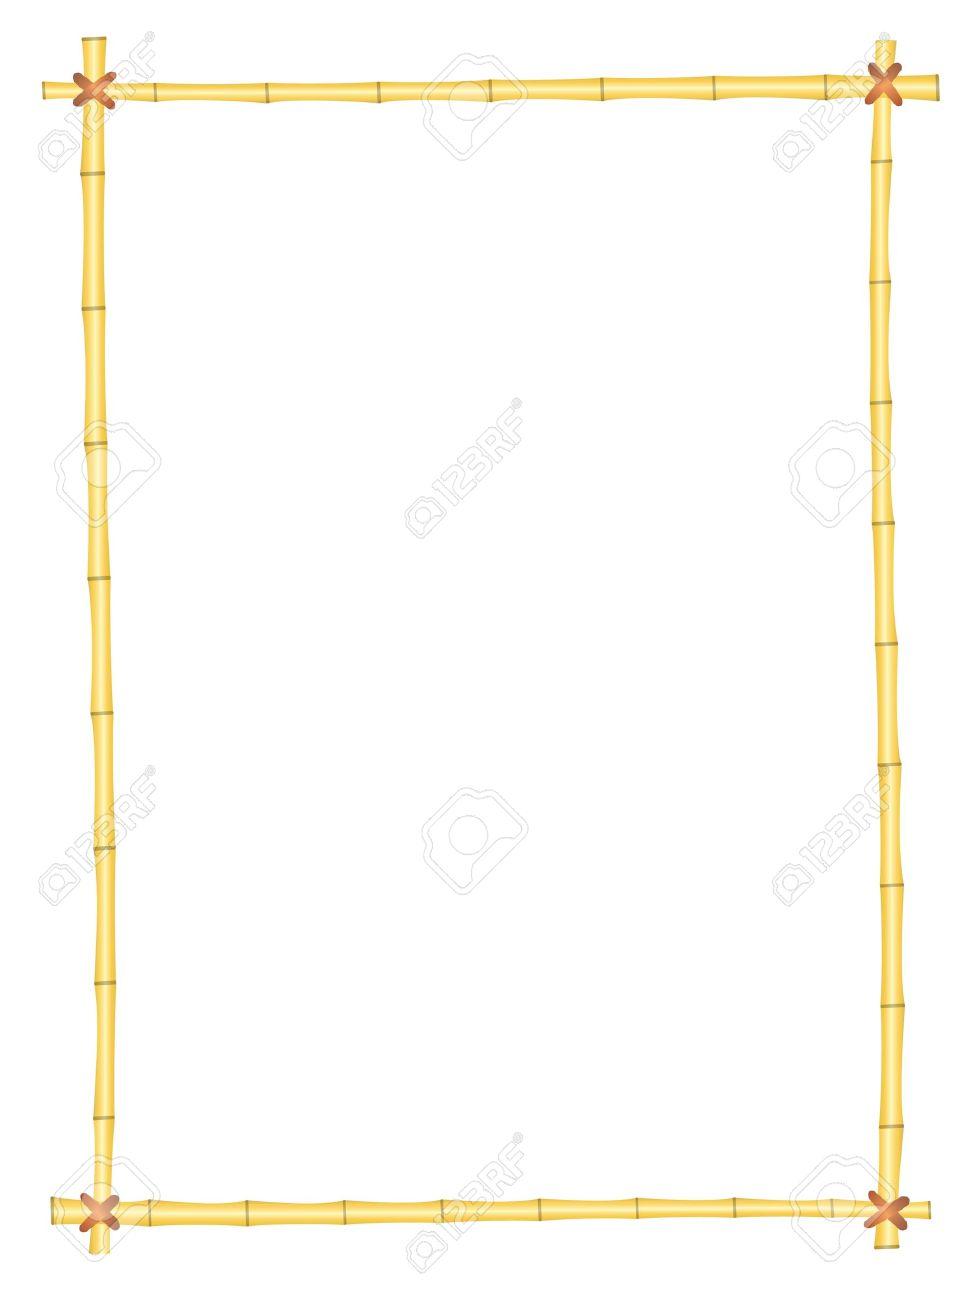 シンプルな竹フレームの分離パターン背景 ロイヤリティフリークリップ